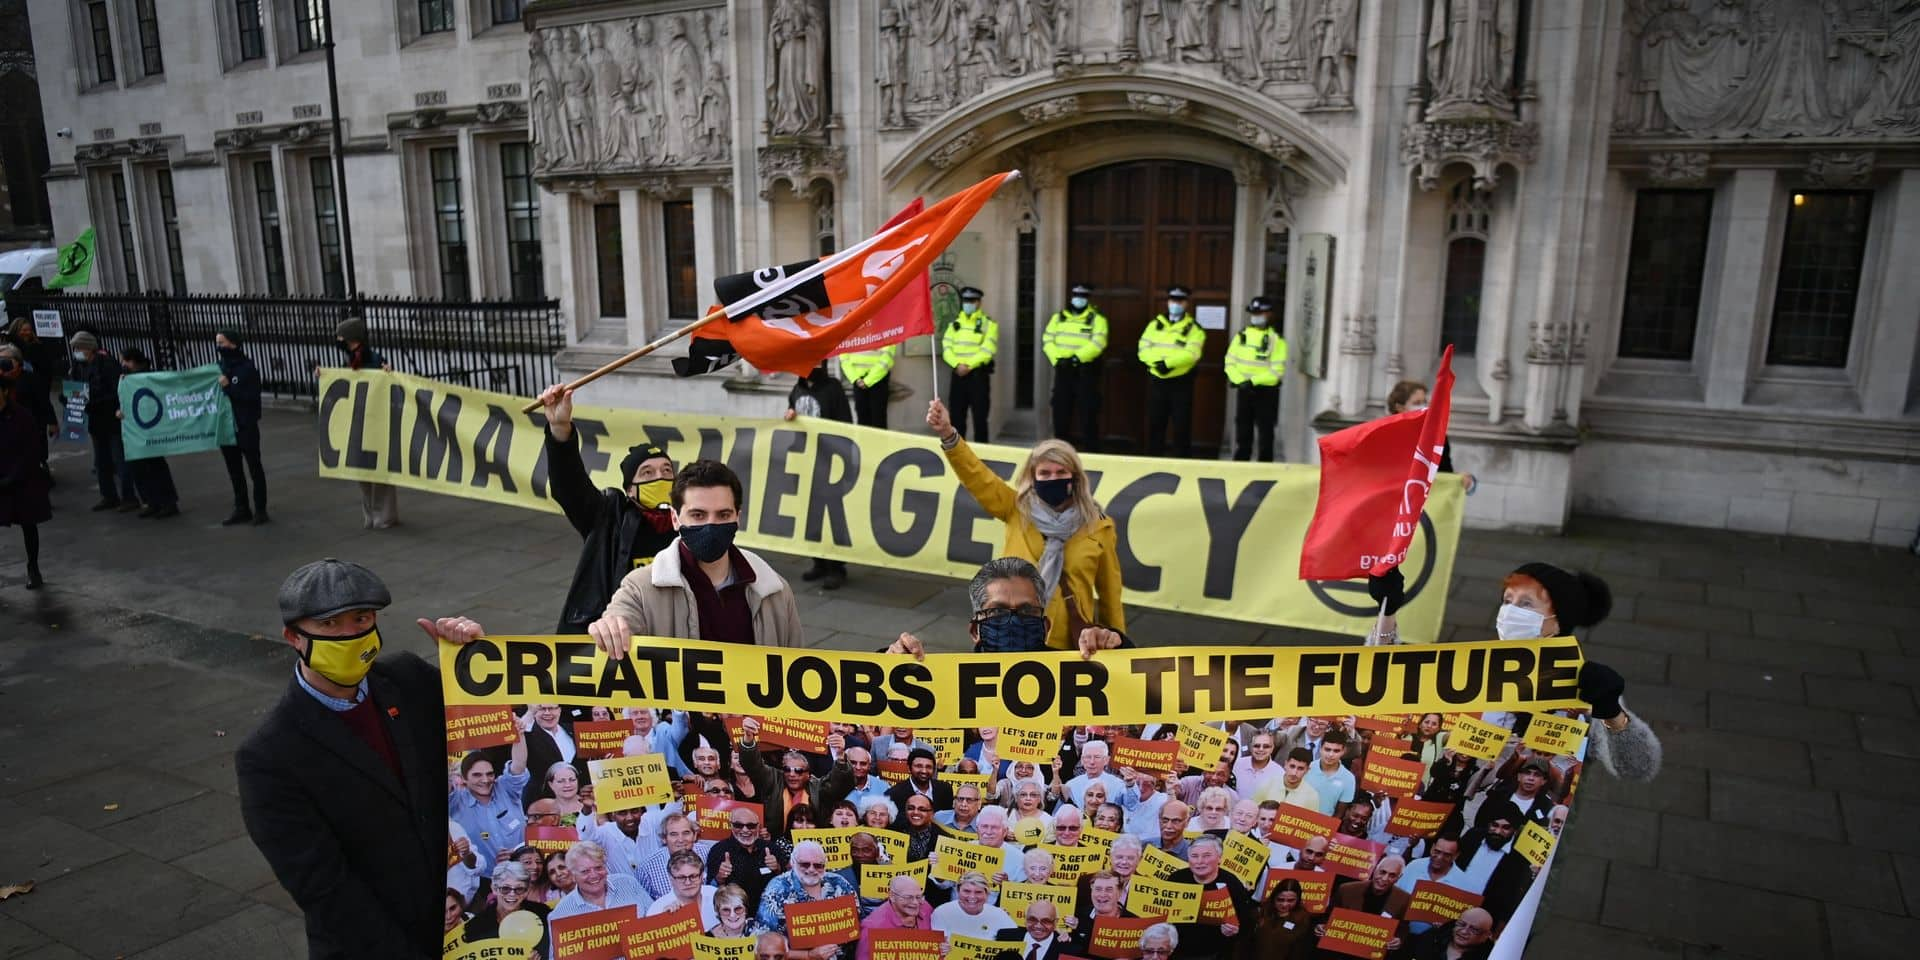 Des manifestants, certains opposés d'autres favorables au projet, s'étaient réunis devant le bâtiment de la Cour suprême de Londres.